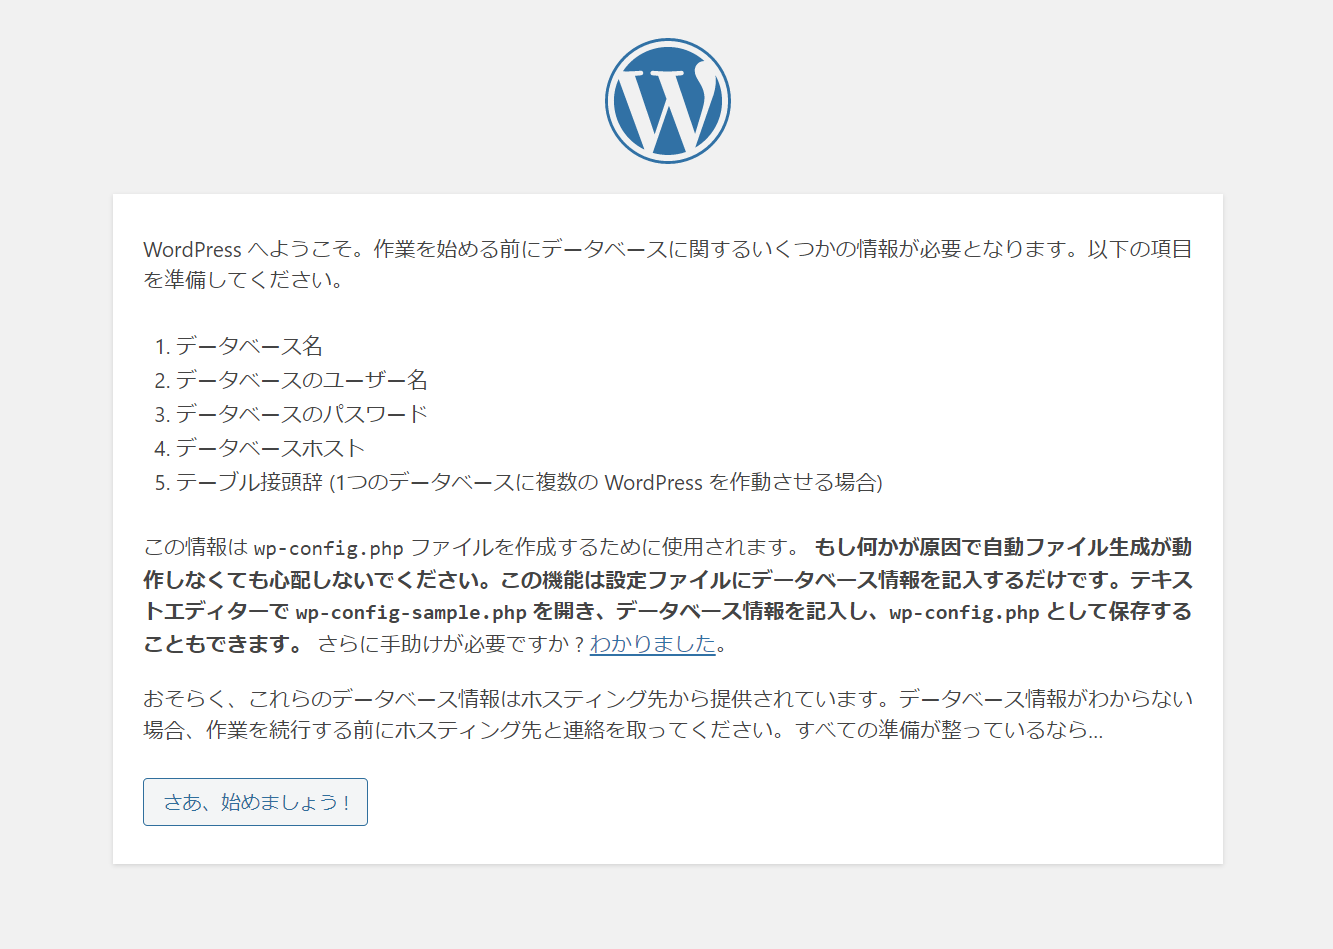 WordPress へようこそ画面